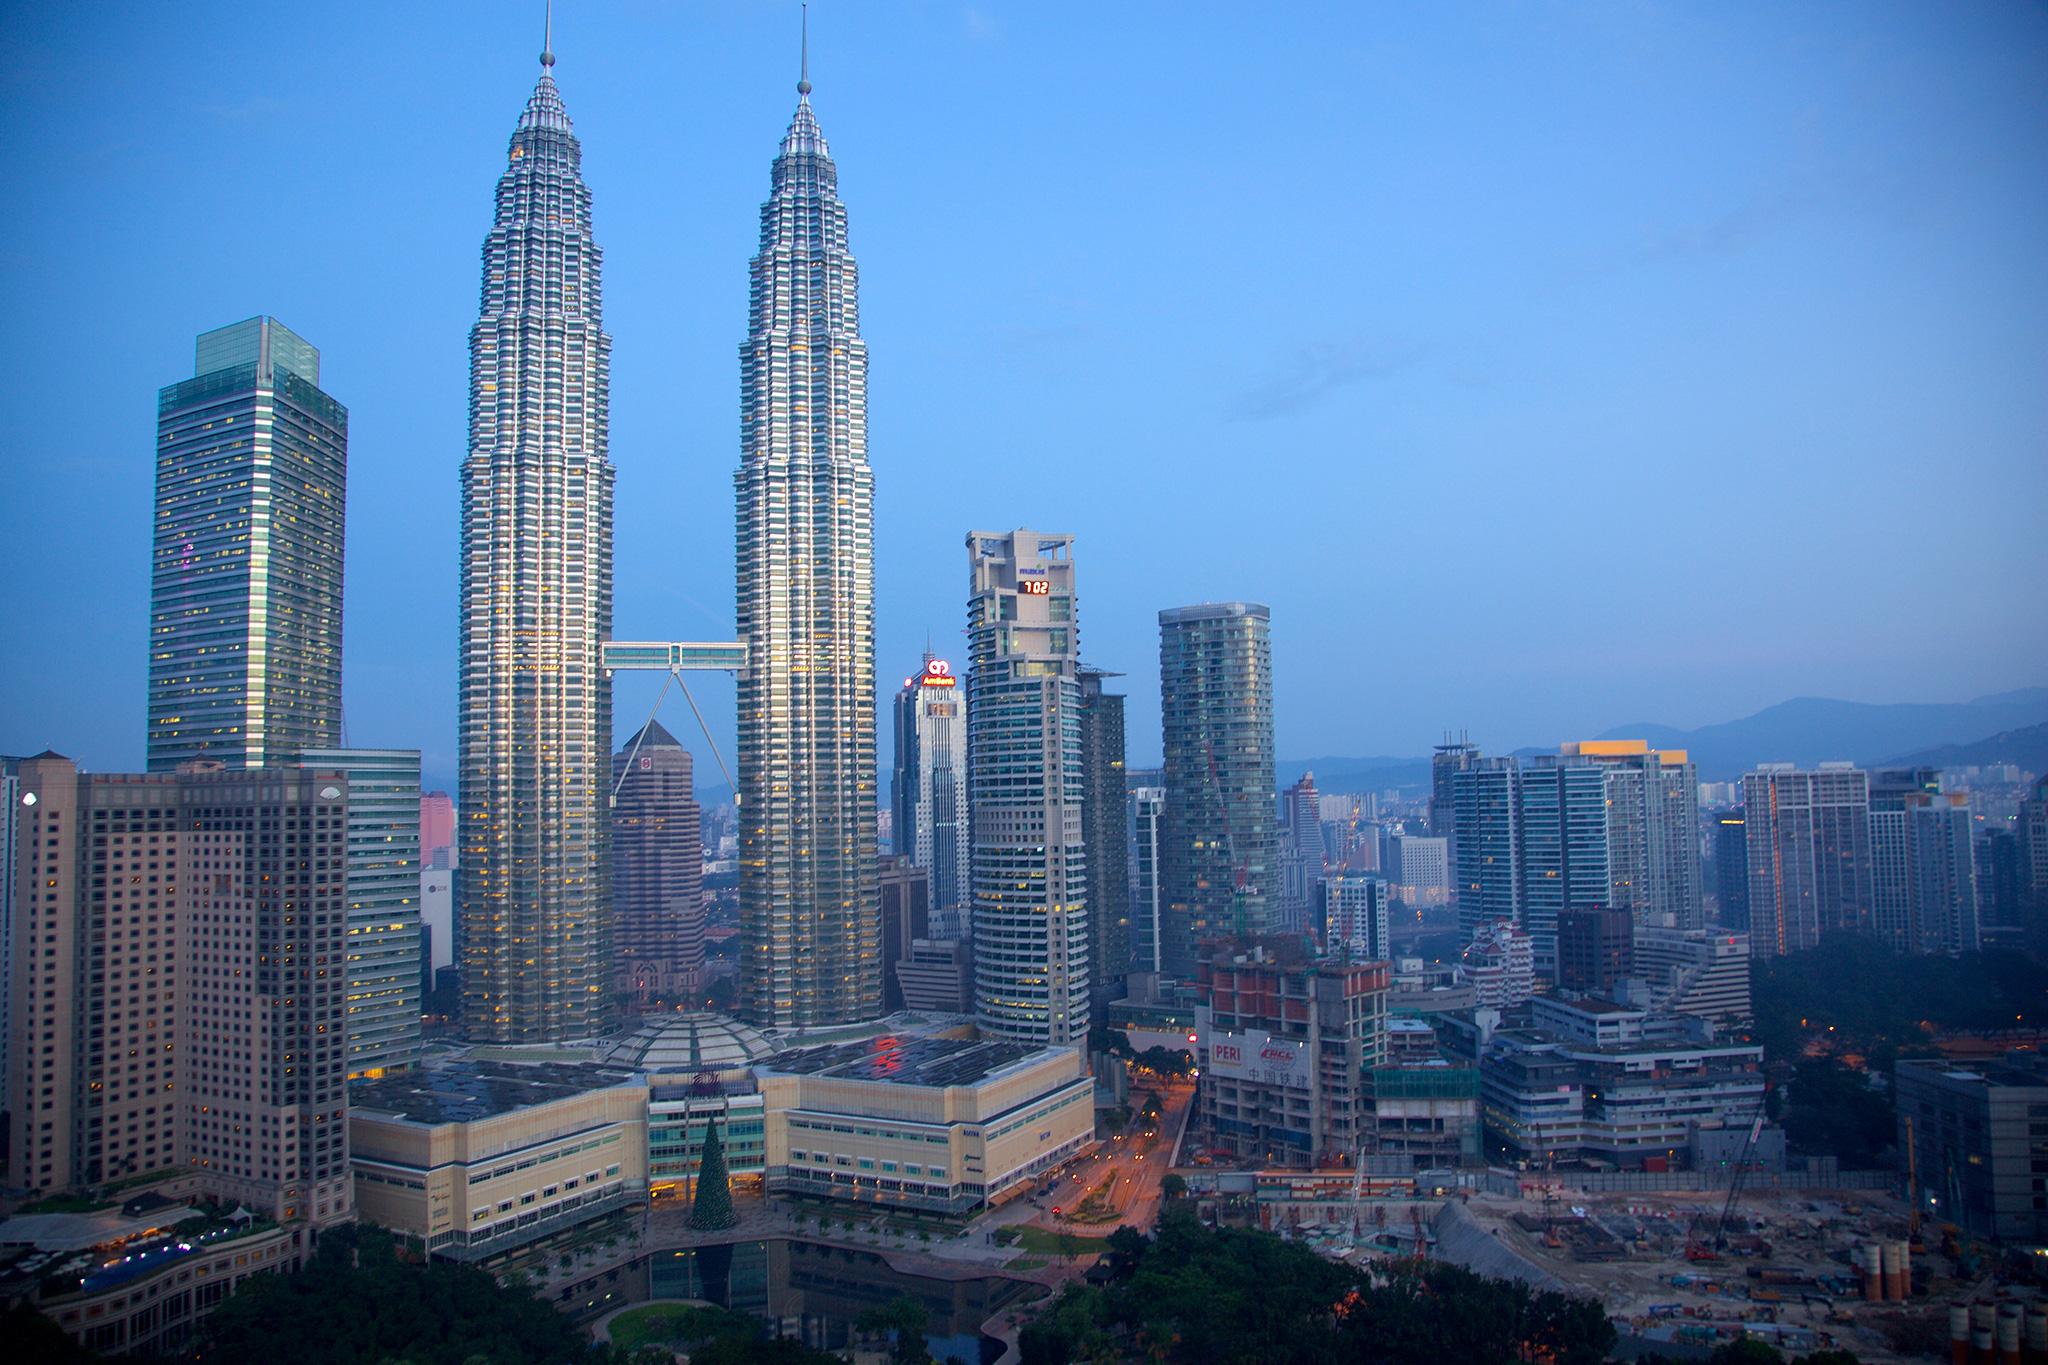 ماليزيا تصادر 273 مليون دولار من رئيس الوزراء السابق